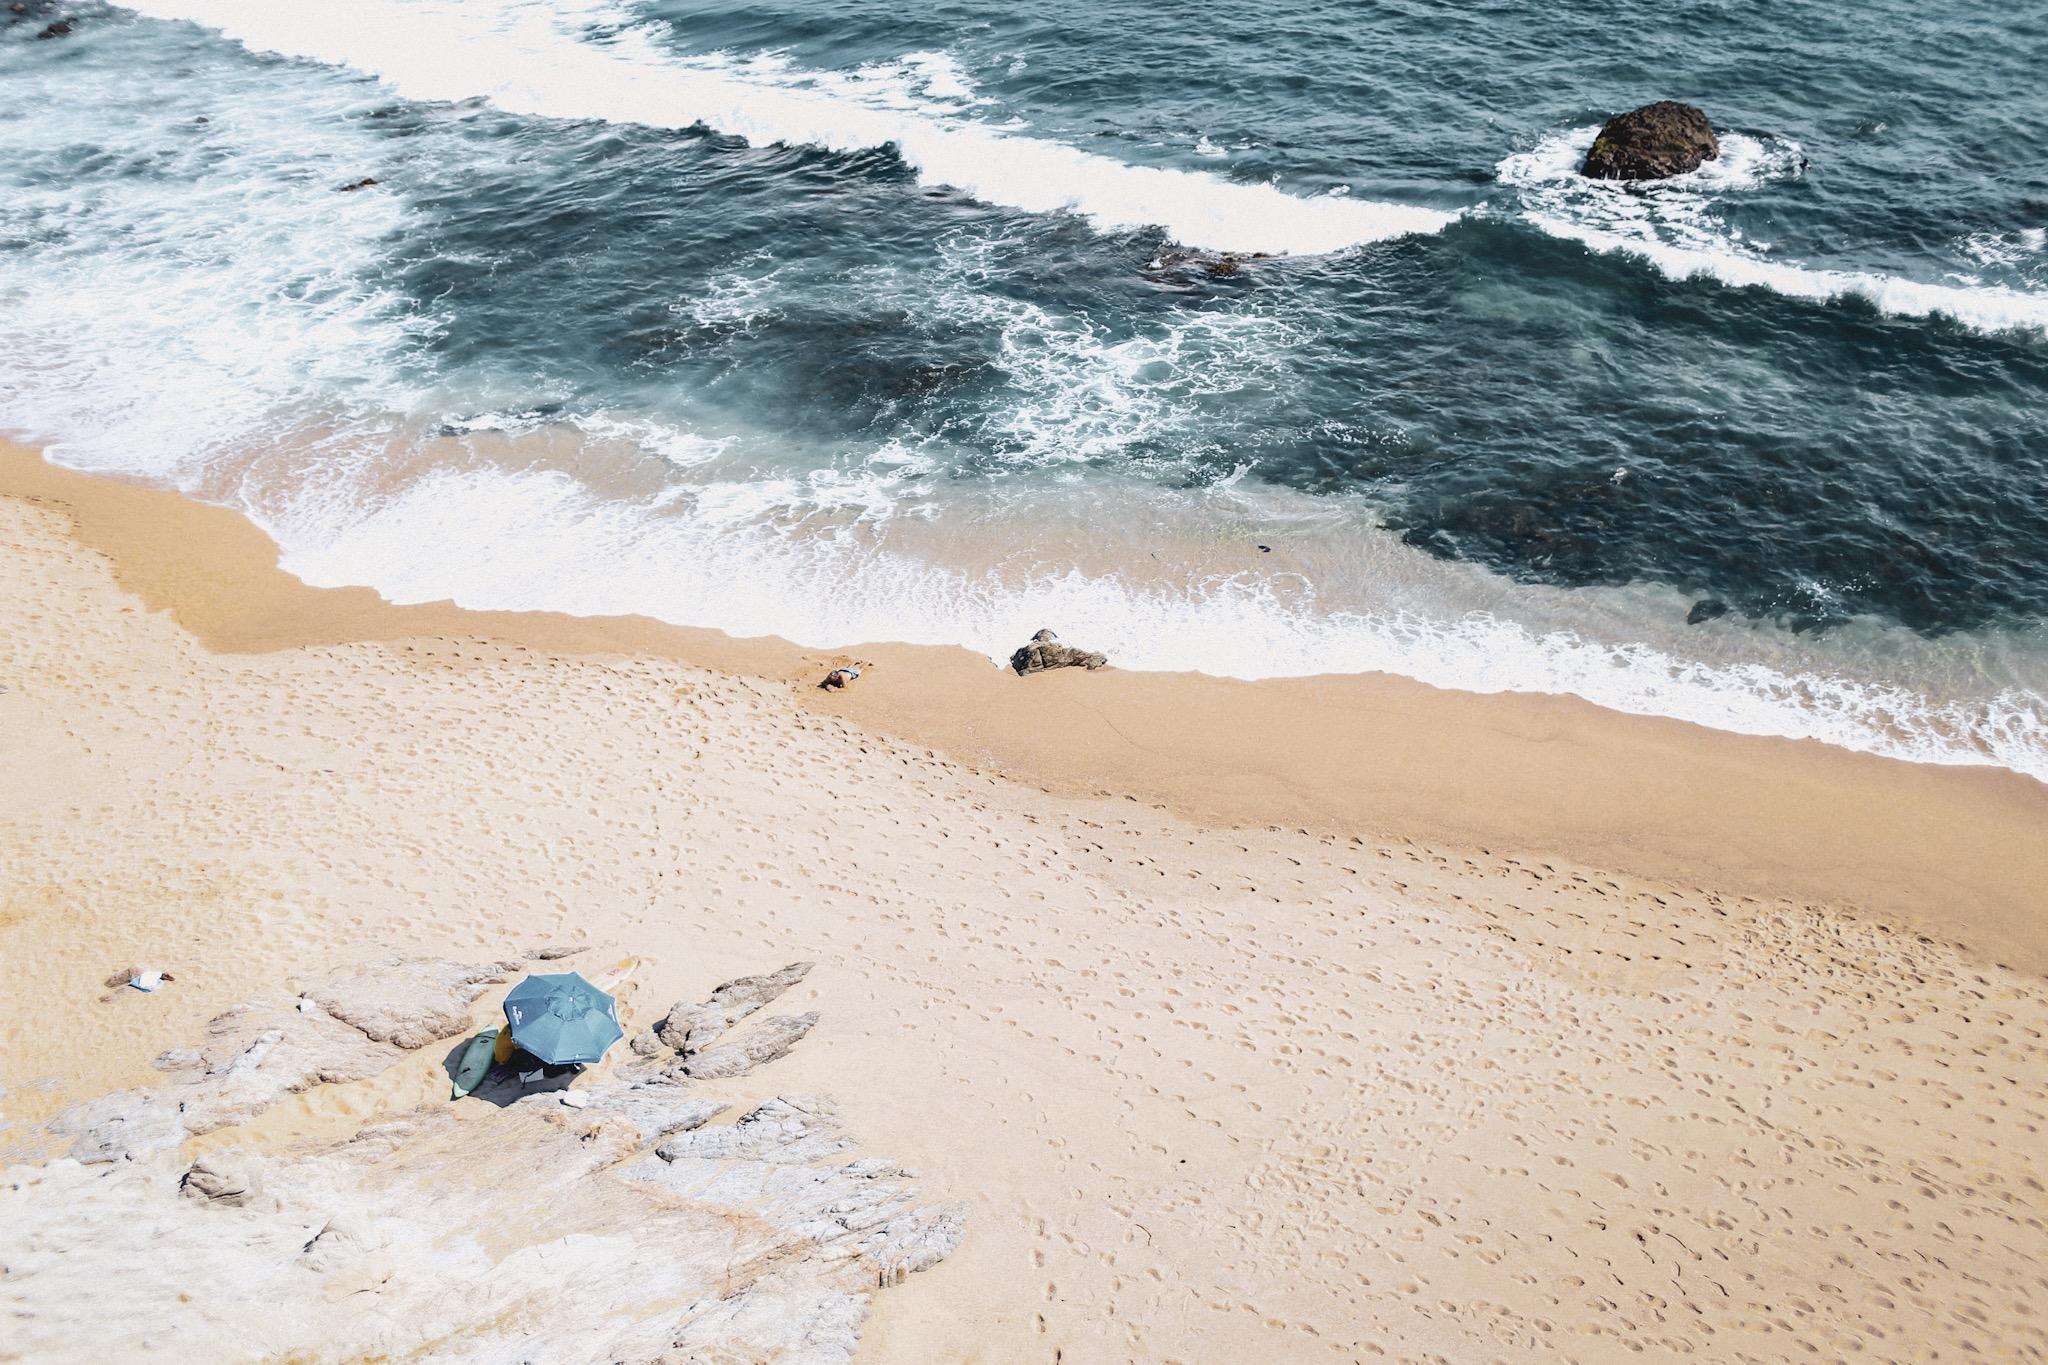 cabos san lucas beach.JPG